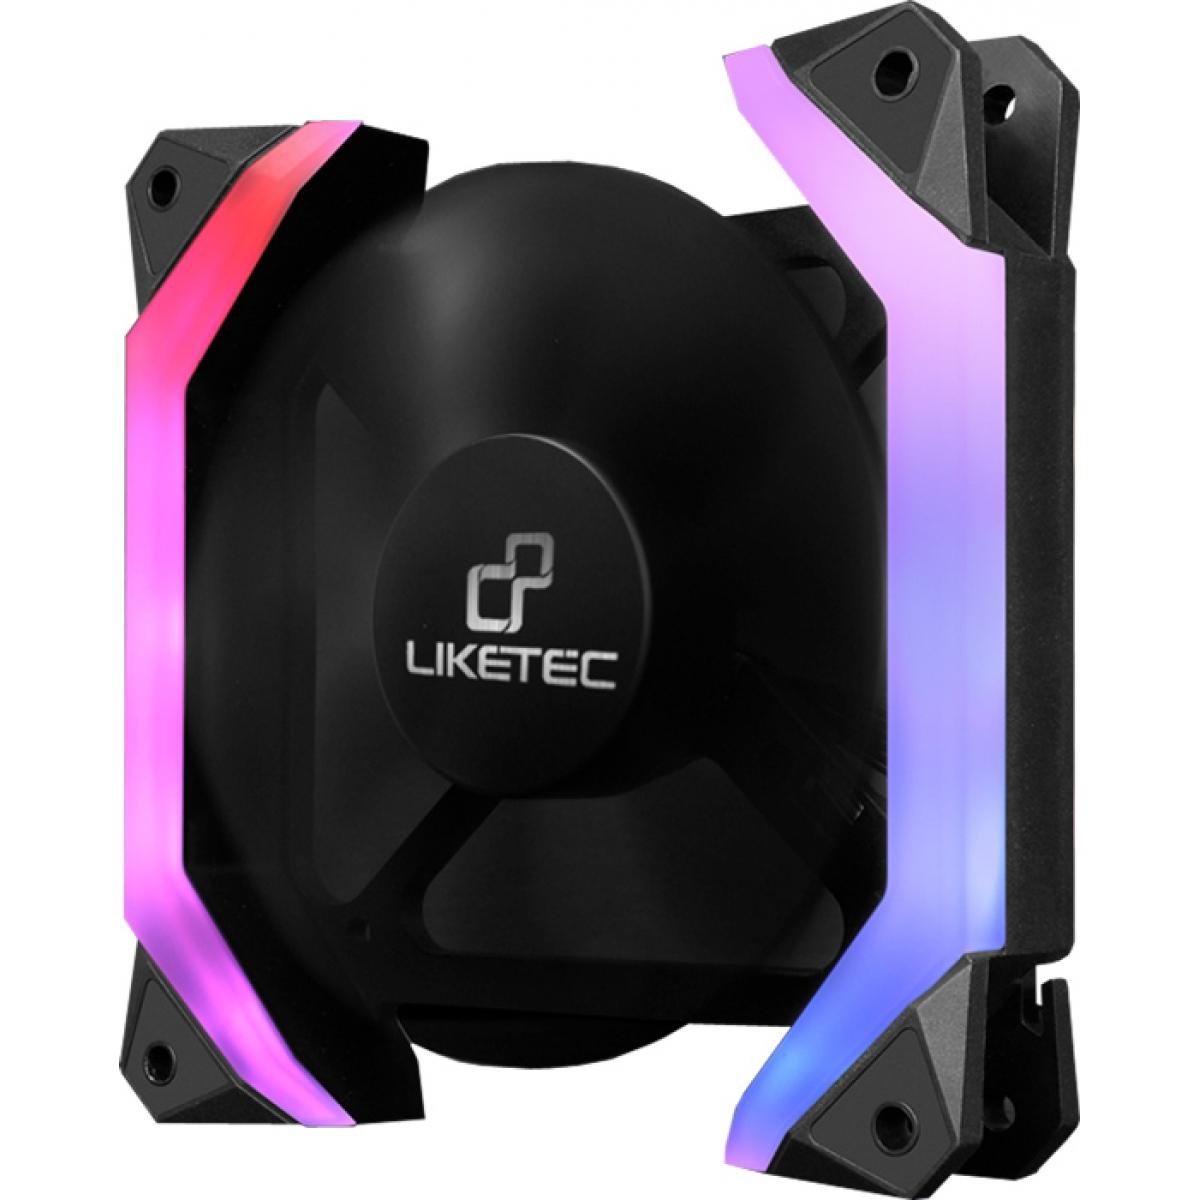 Kit Fan com 3 Unidades Liketec Fantom RGB, 120mm